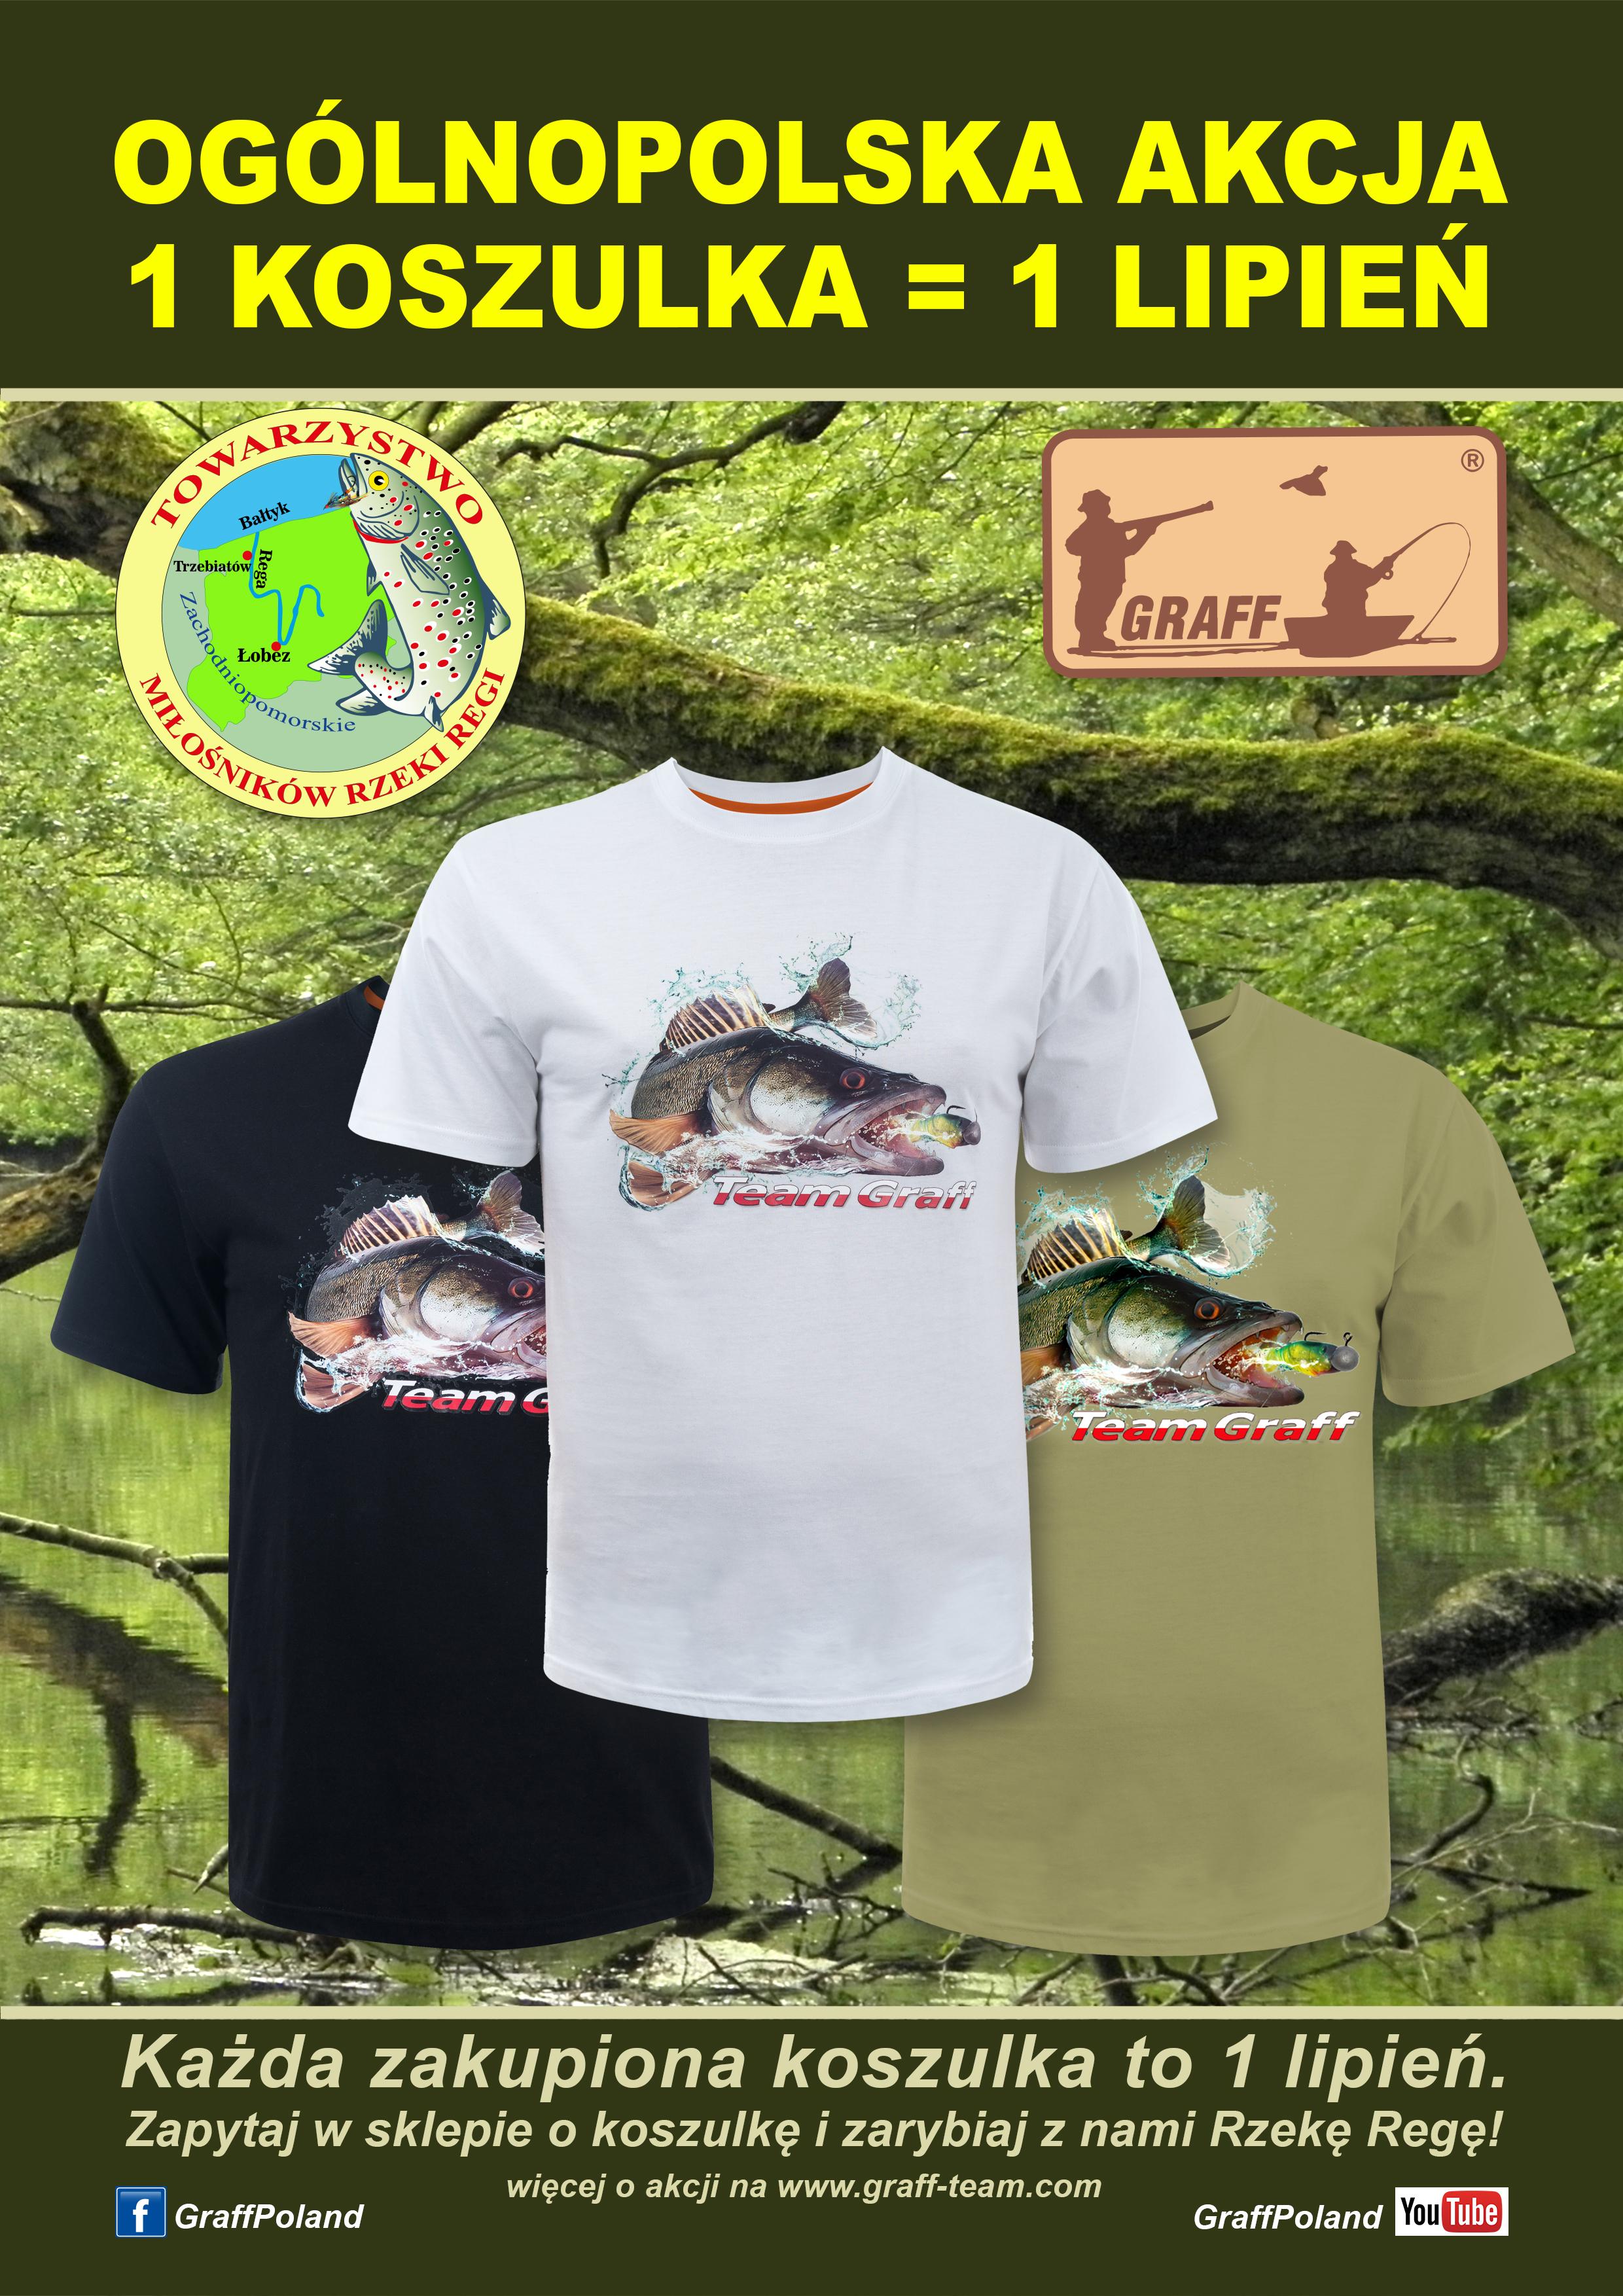 Ogólnopolska akcja 1 koszulka = 1 lipień dla Regi